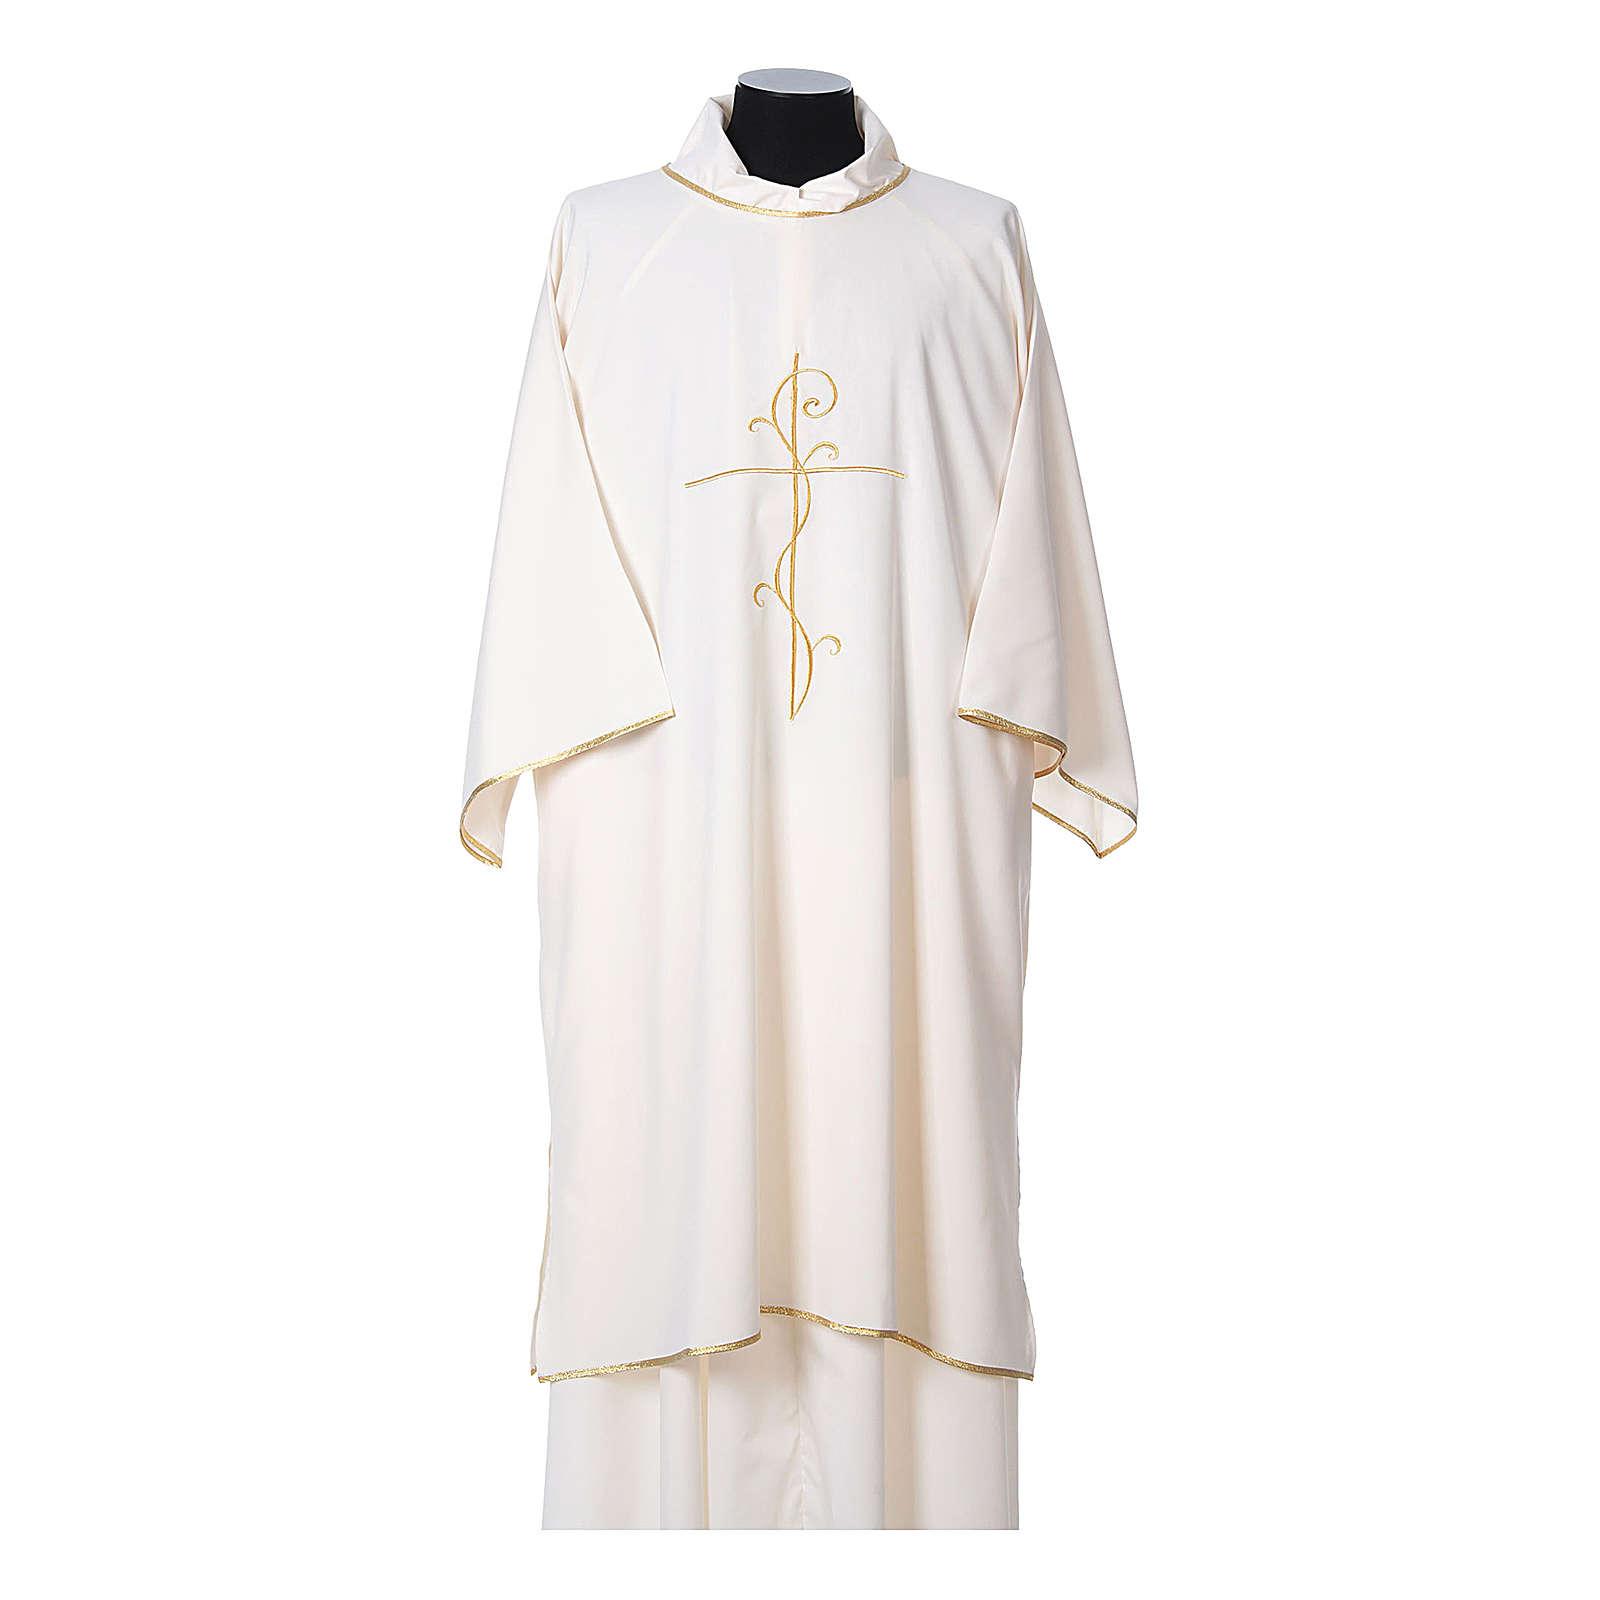 Dalmatik aus ultraleichtem Stoff, Modell Vatican, mit Stickerei Kreuz auf der Vorder- und Rückseite 4